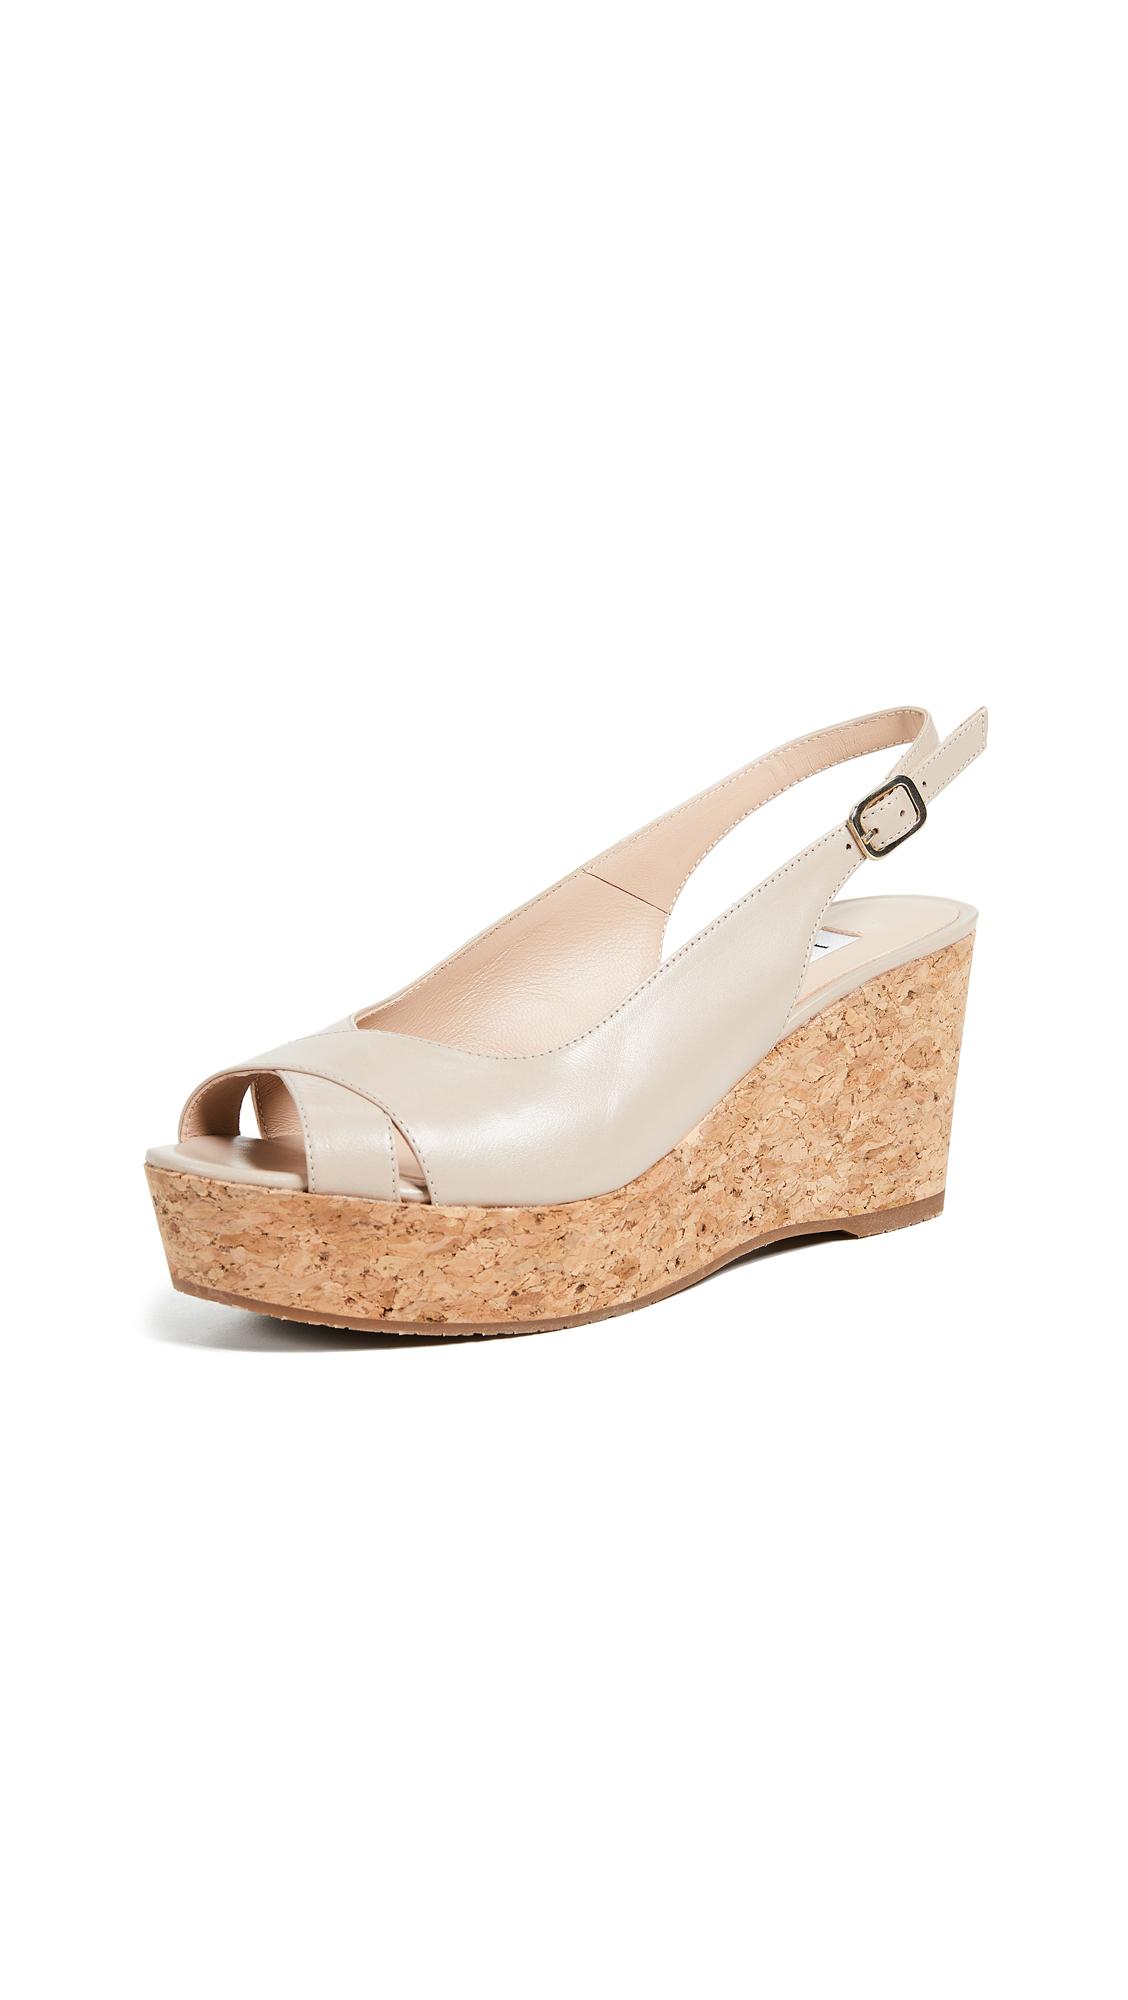 L.K. Bennett Marcia Slingback Sandals In Stone